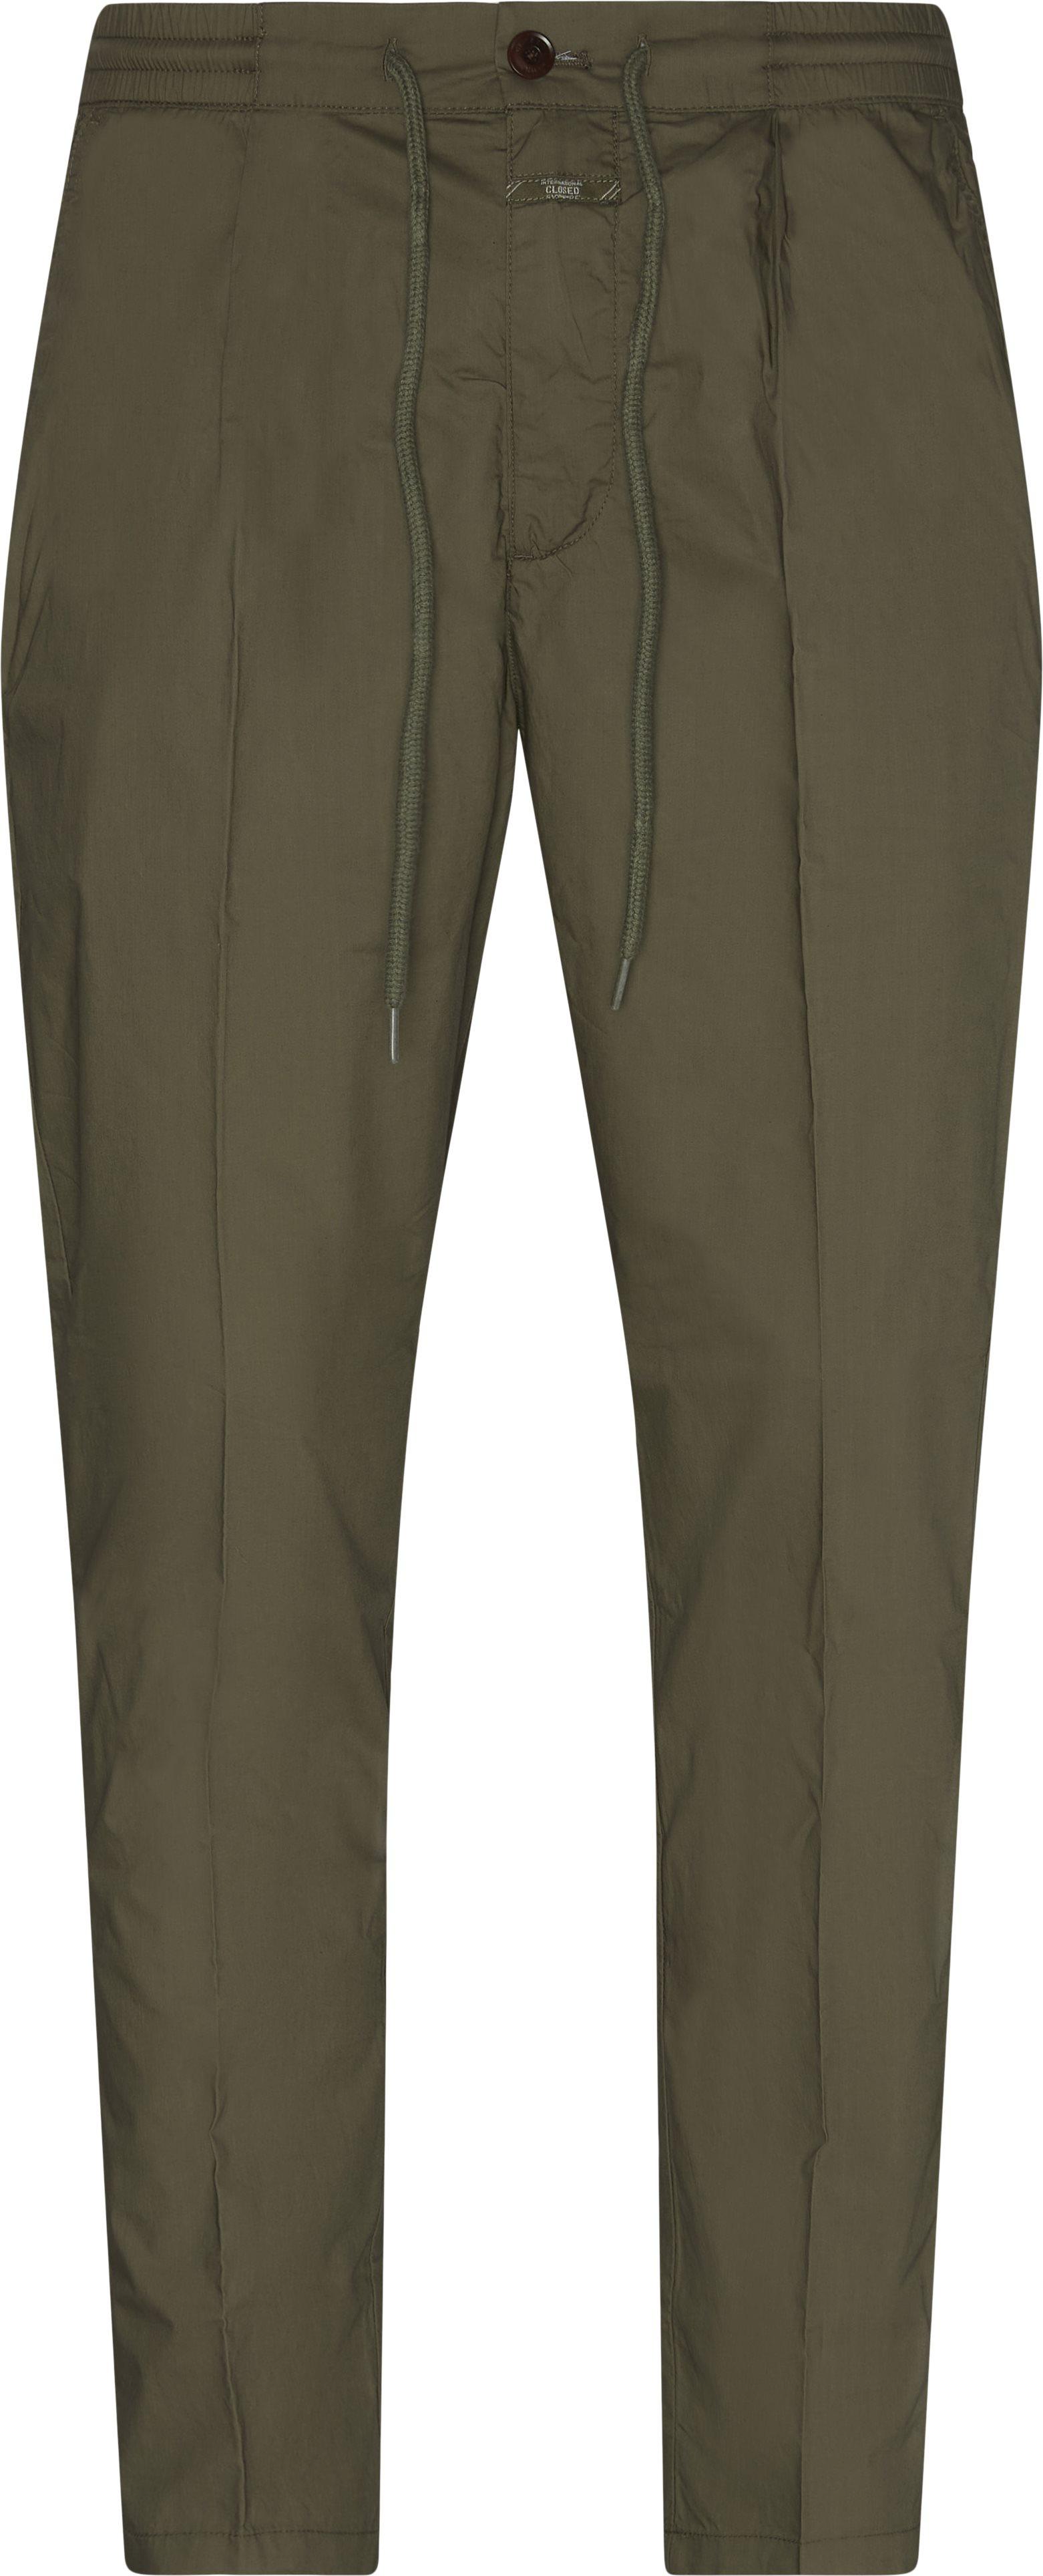 Vigo Tapered Pants - Bukser - Regular fit - Army